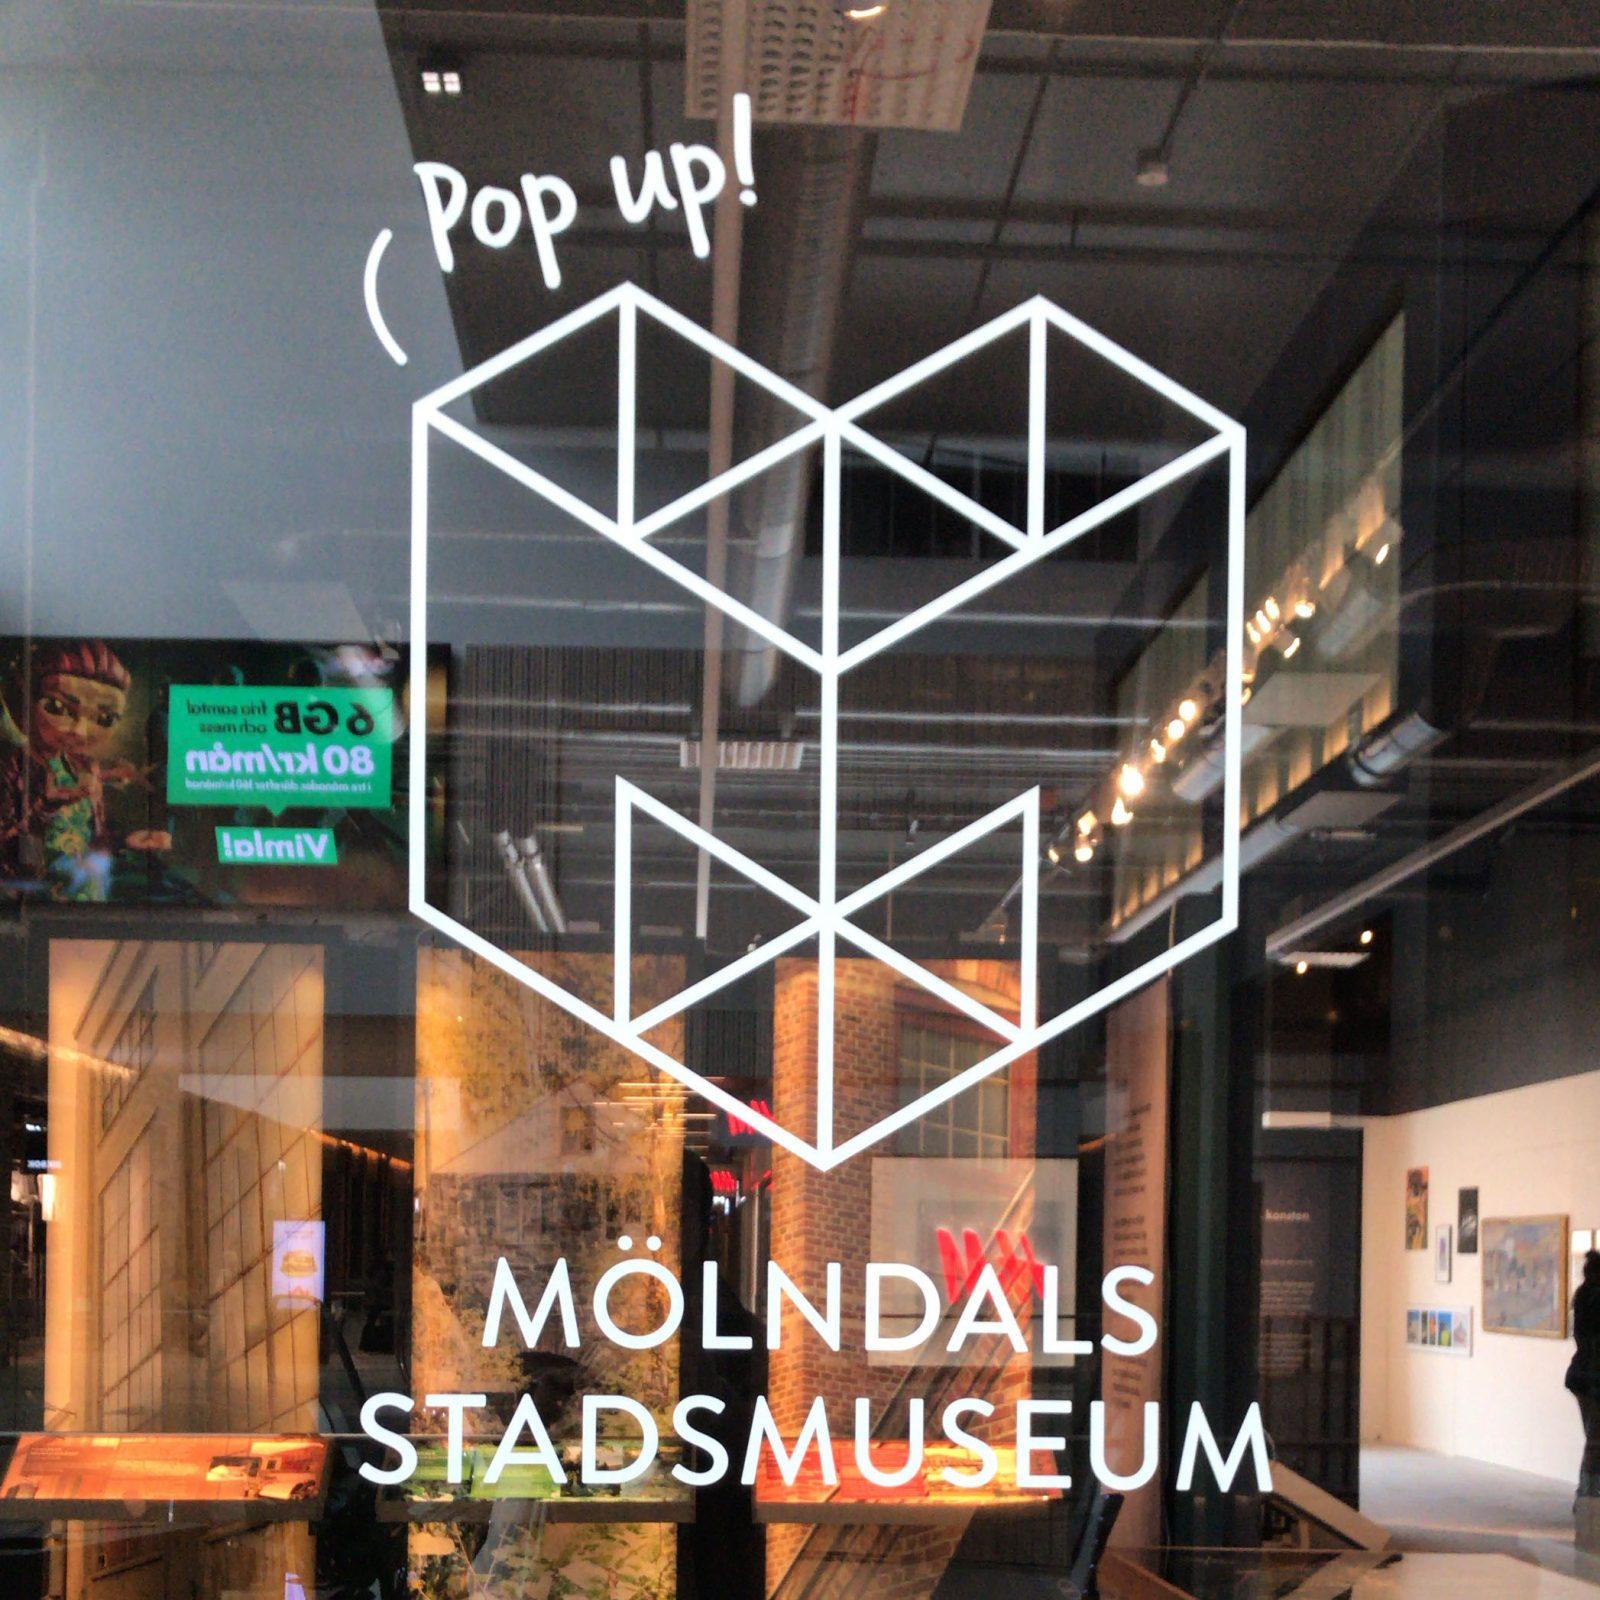 skyltfönster men insyn i popupmuseet